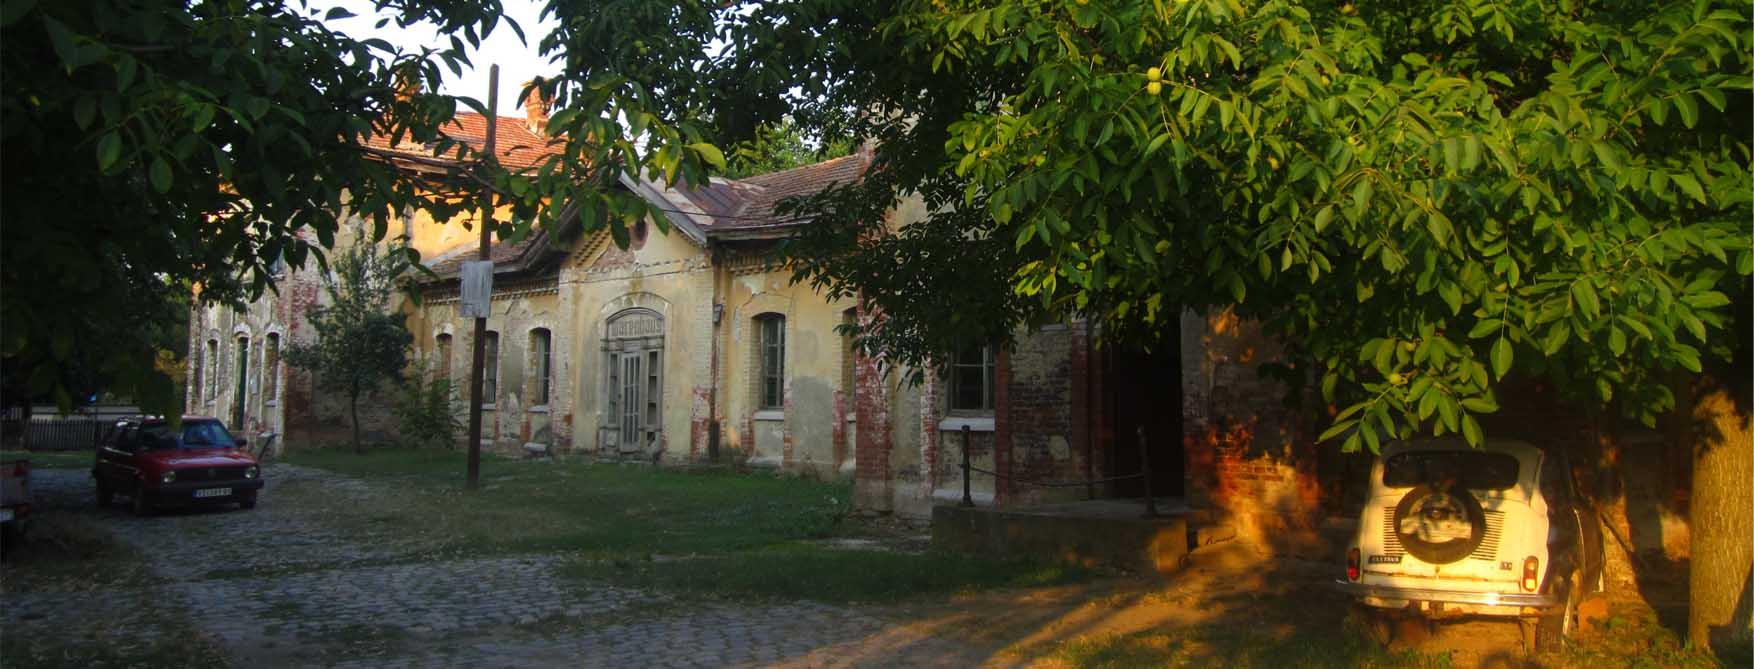 415 Jasenovo